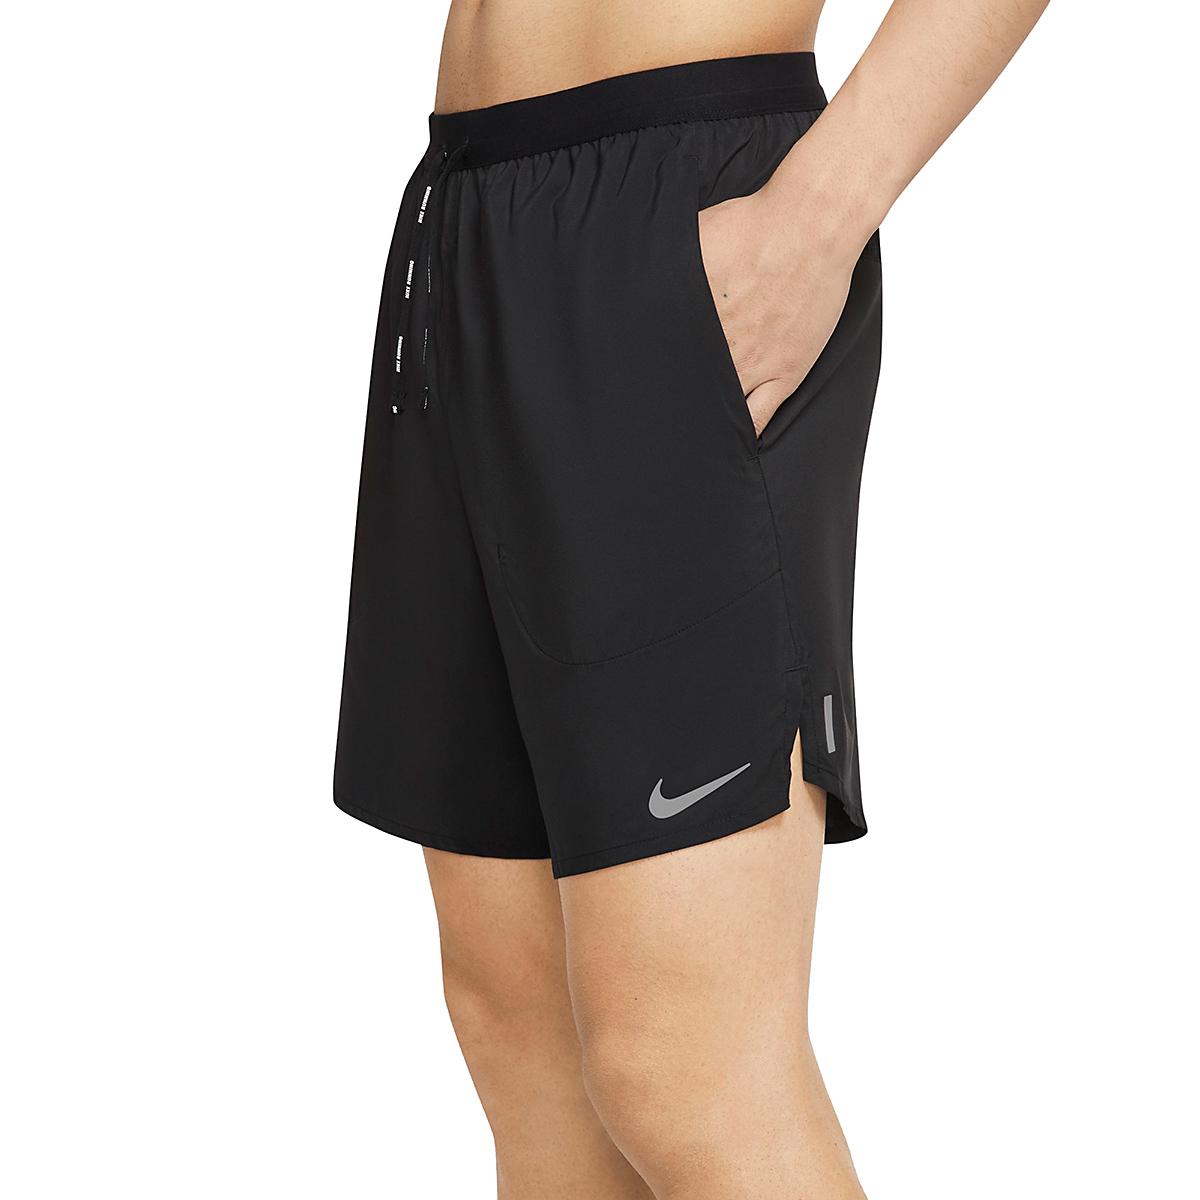 """Men's Nike Flex Stride 7"""" Brief Running Shorts - Color: Black - Size: S, Black, large, image 2"""